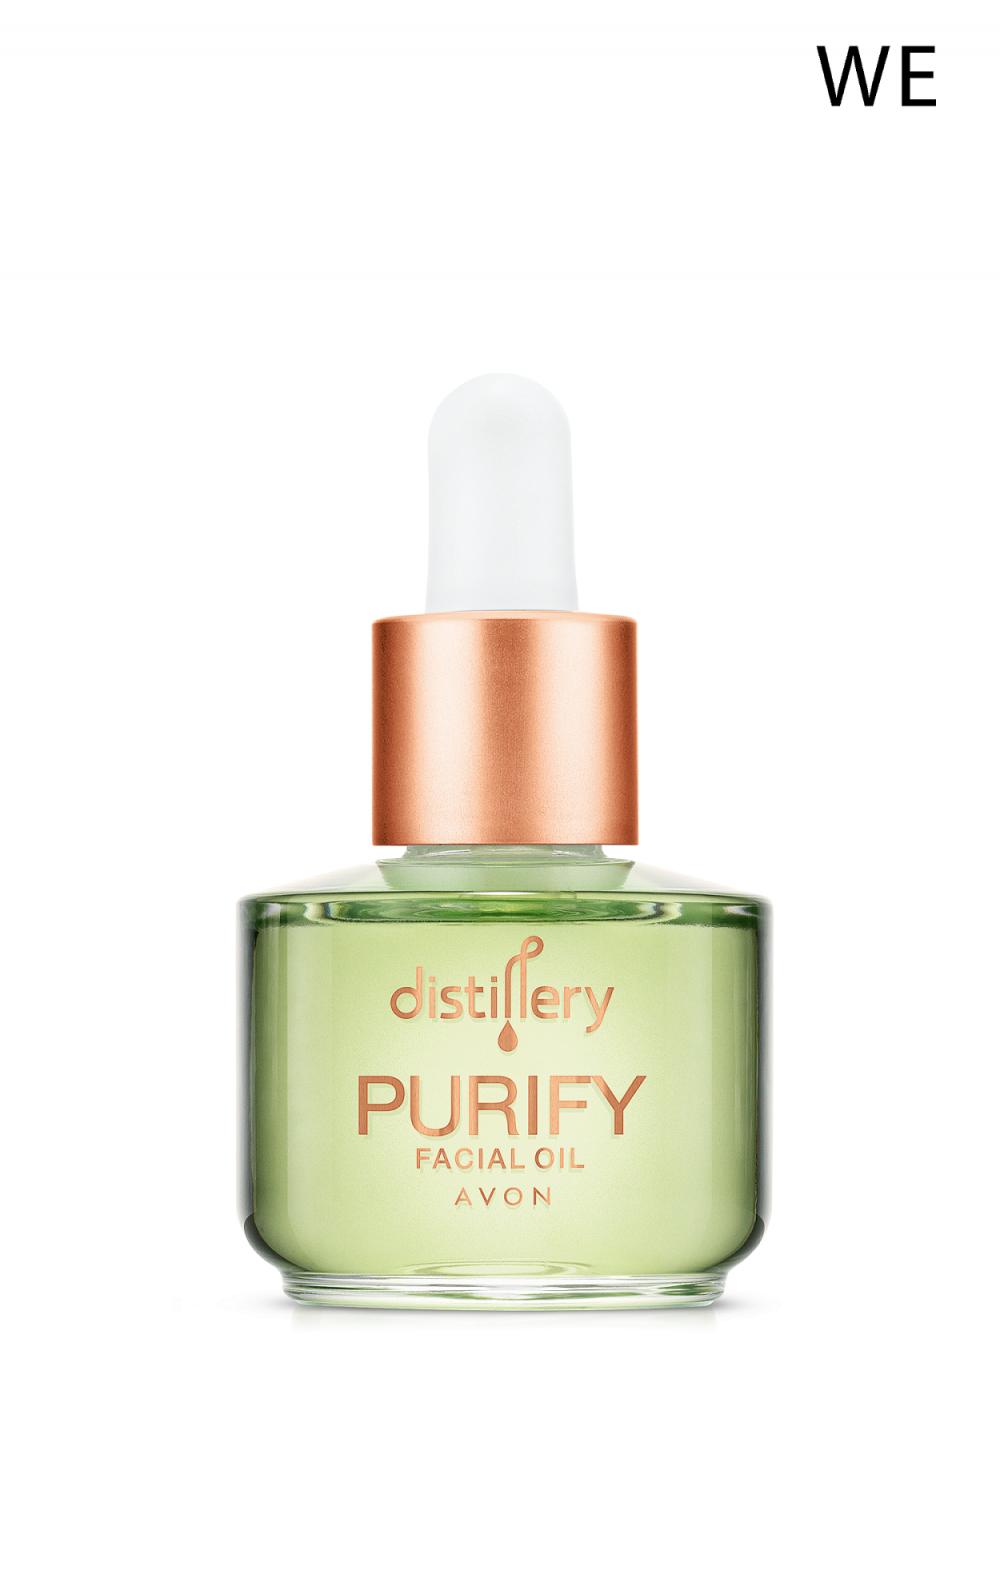 Purify ulje za lice 2200 din e1570193548415 Avon predstavio Distillery – svoju prvu vegan skin care kolekciju